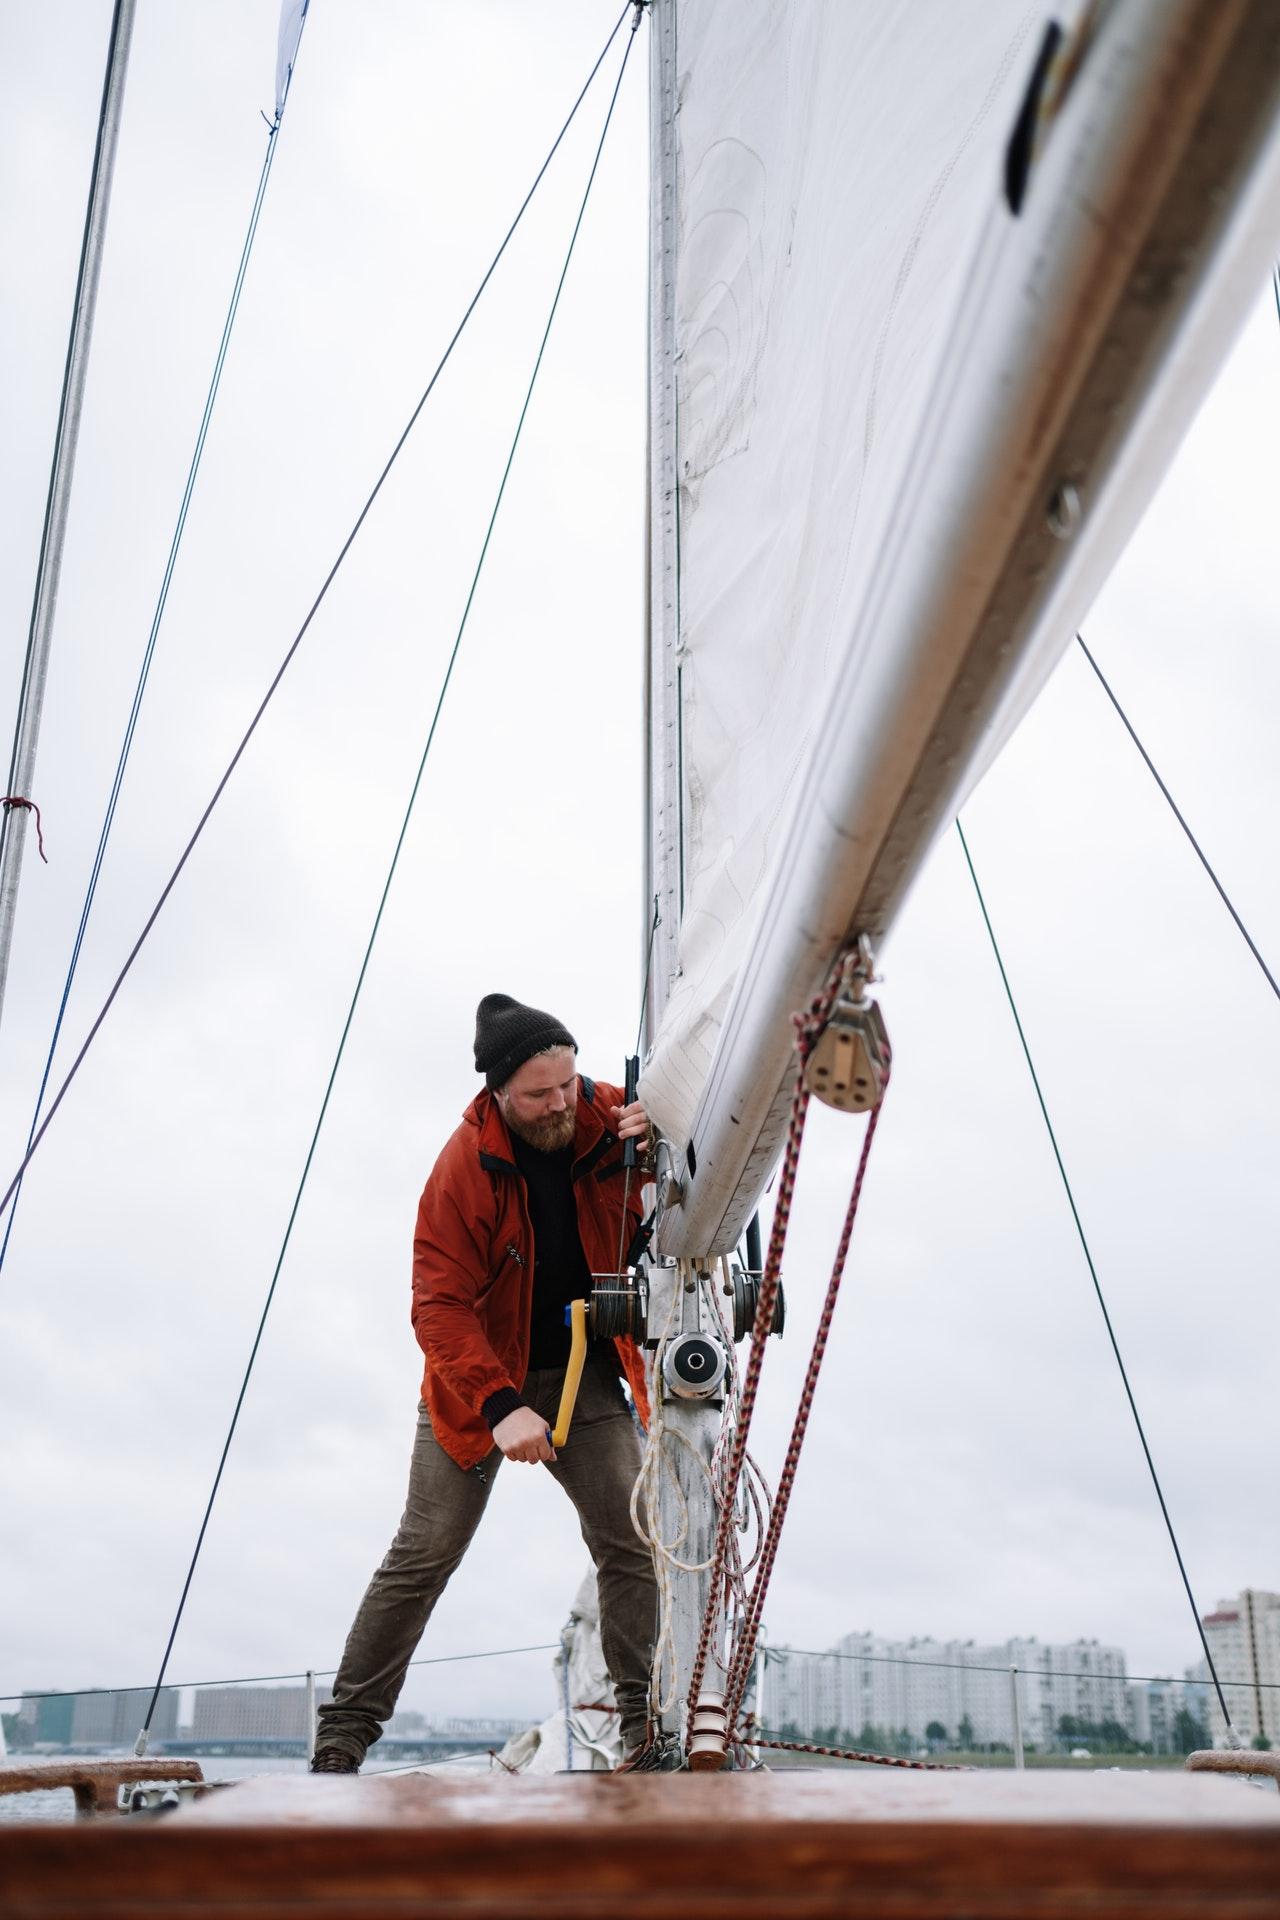 snackenglish, snack, slog, trabajo, boat, sea, sailor, marinero